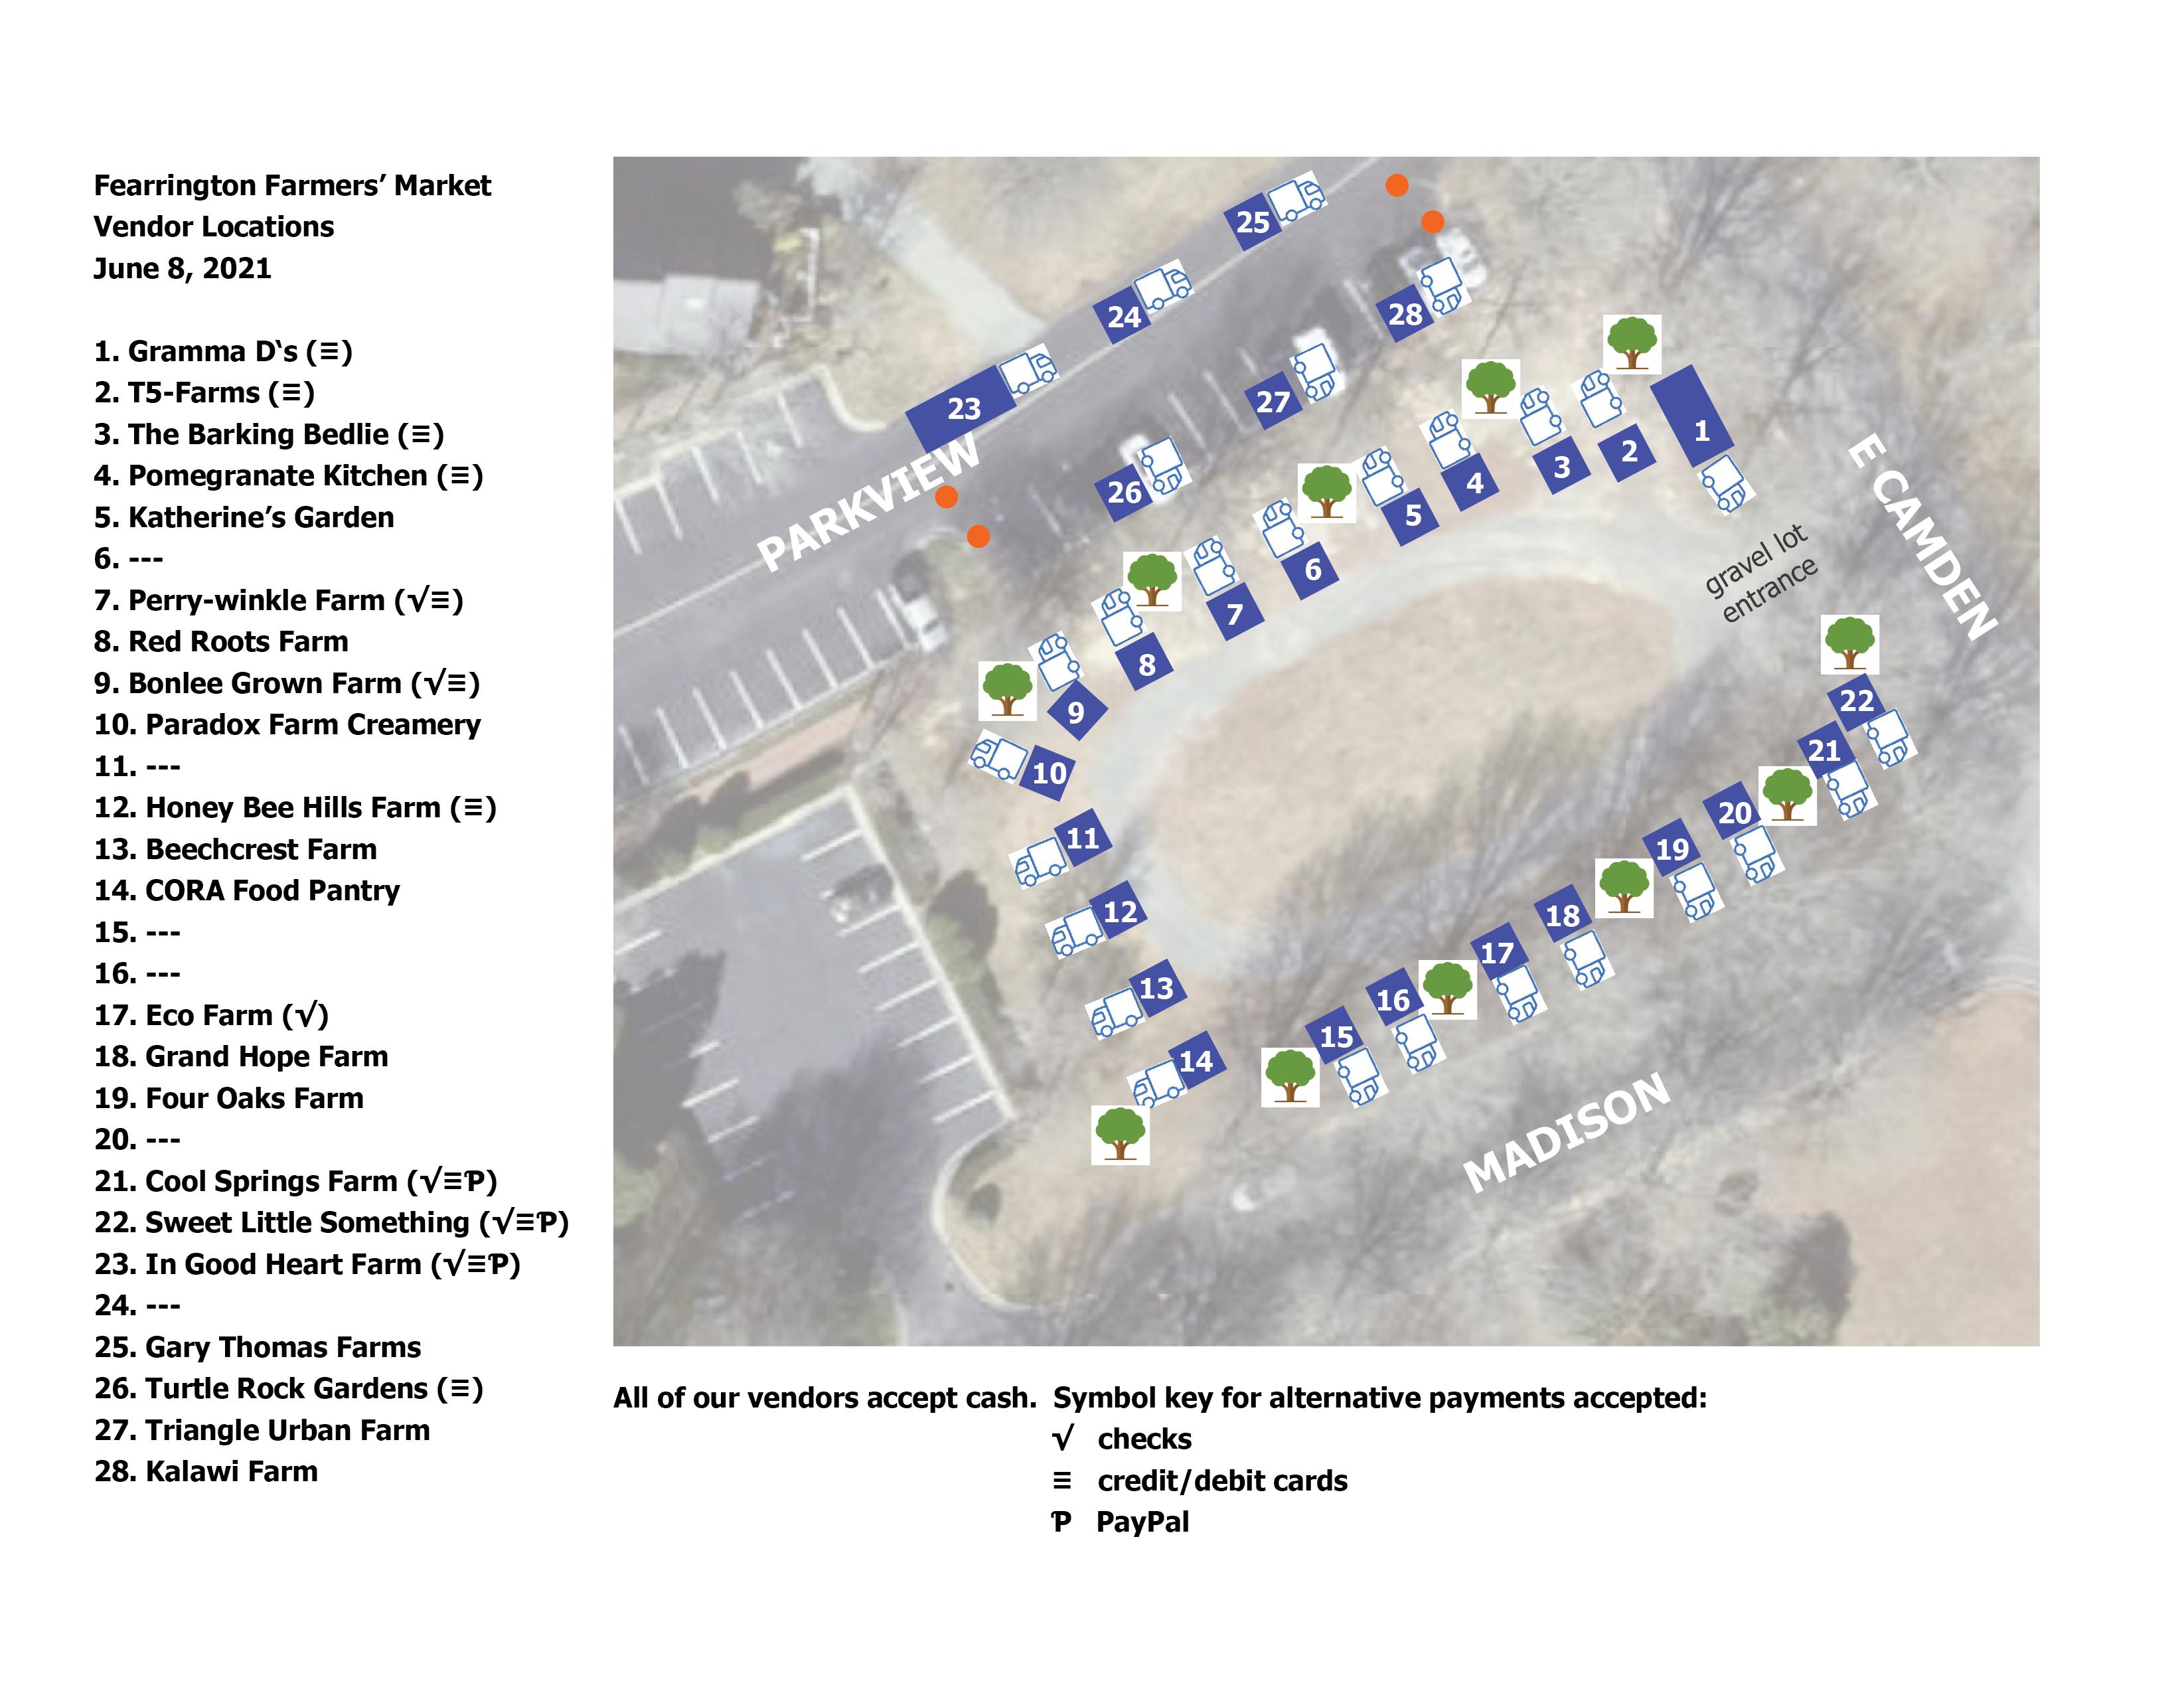 ffm vendor map 060821